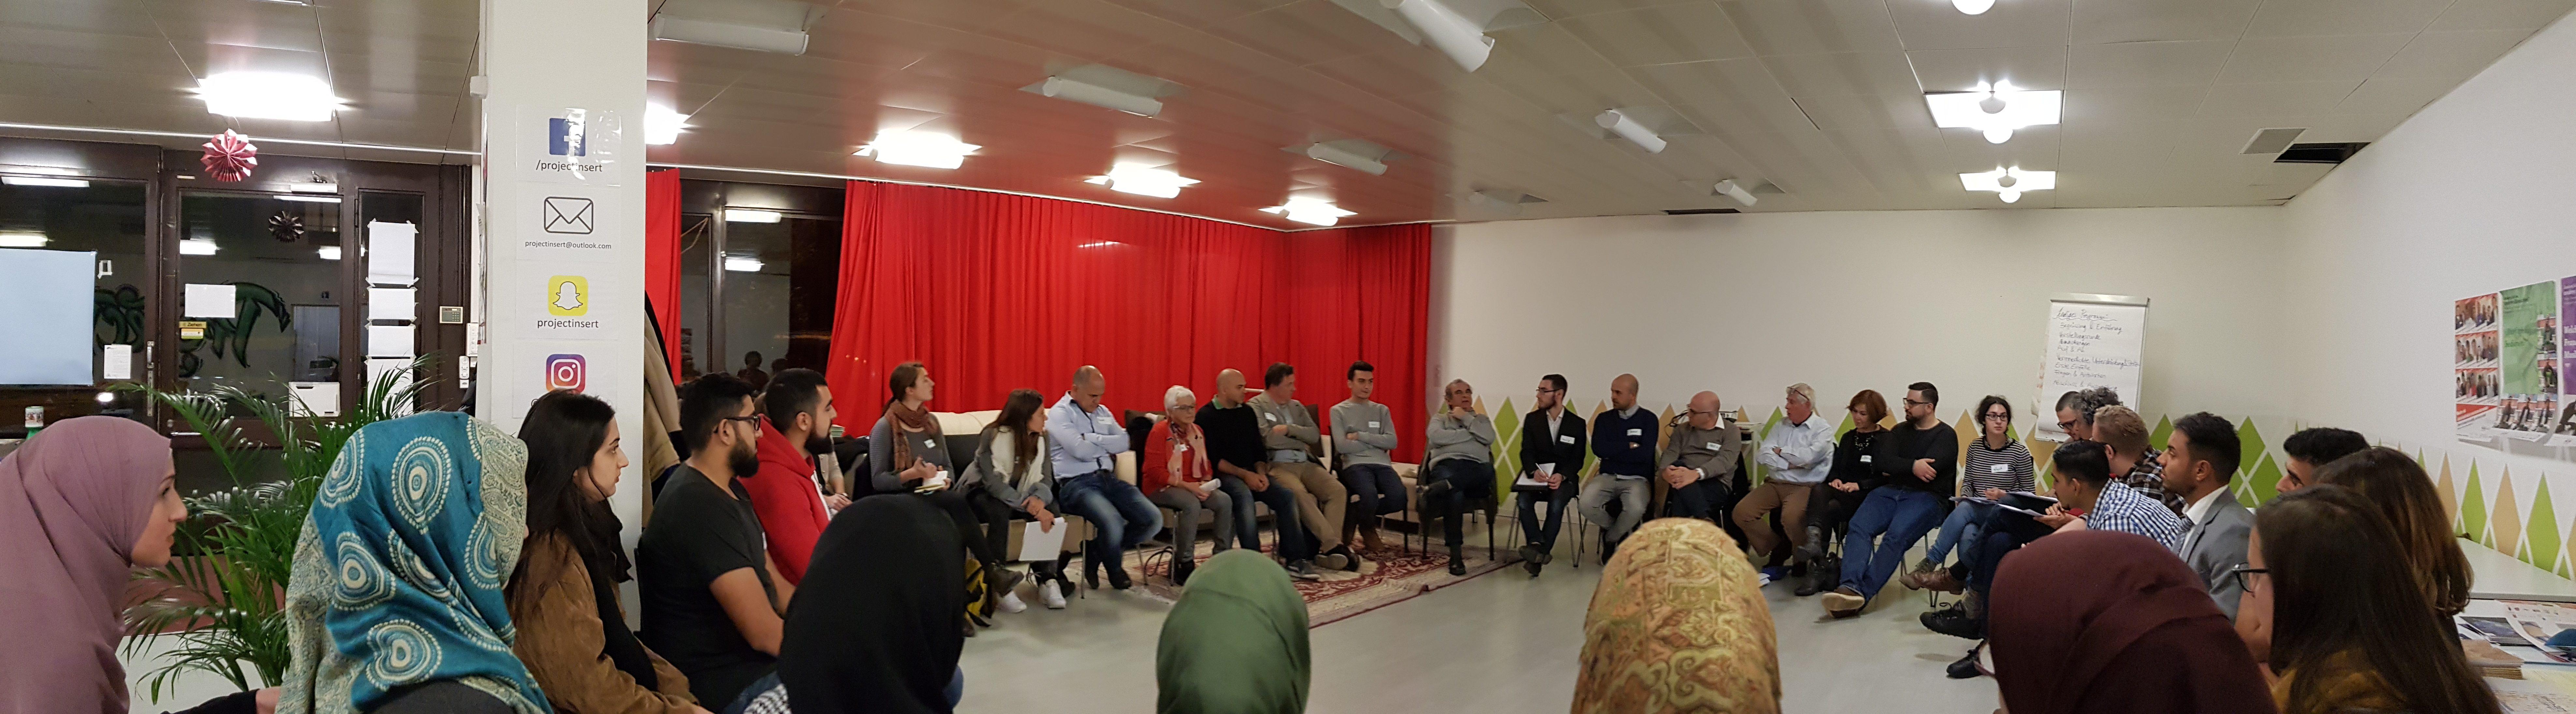 Juden und Muslime in der Schweiz-miteinander statt übereinander